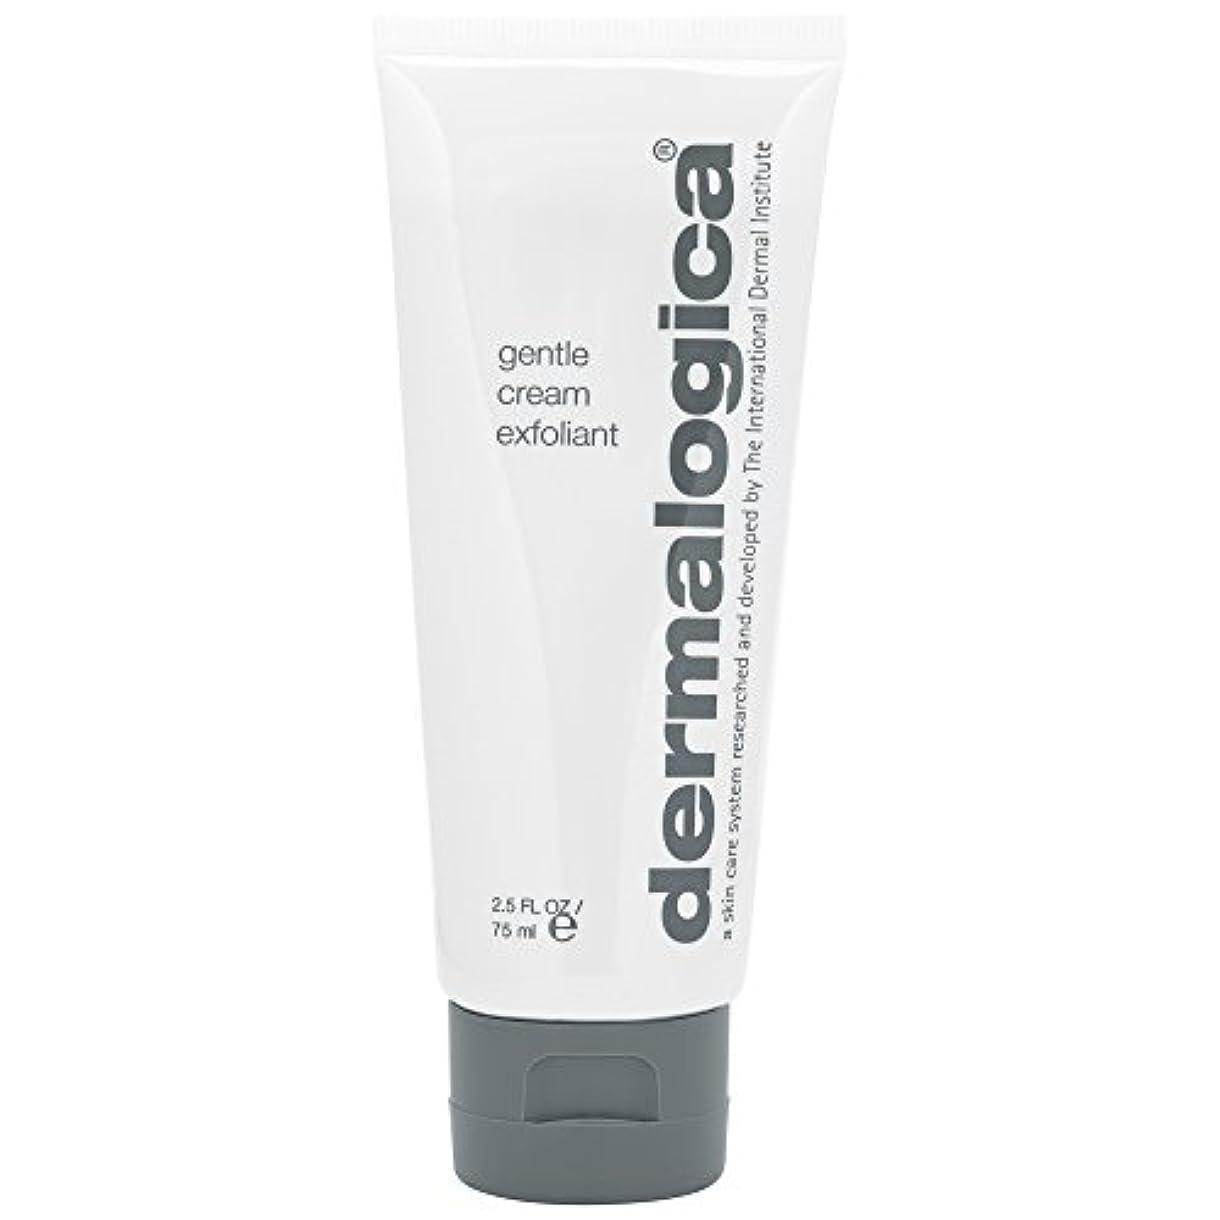 大陸鉄ベンチダーマロジカ優しいクリーム剥脱75ミリリットル (Dermalogica) - Dermalogica Gentle Cream Exfoliant 75ml [並行輸入品]